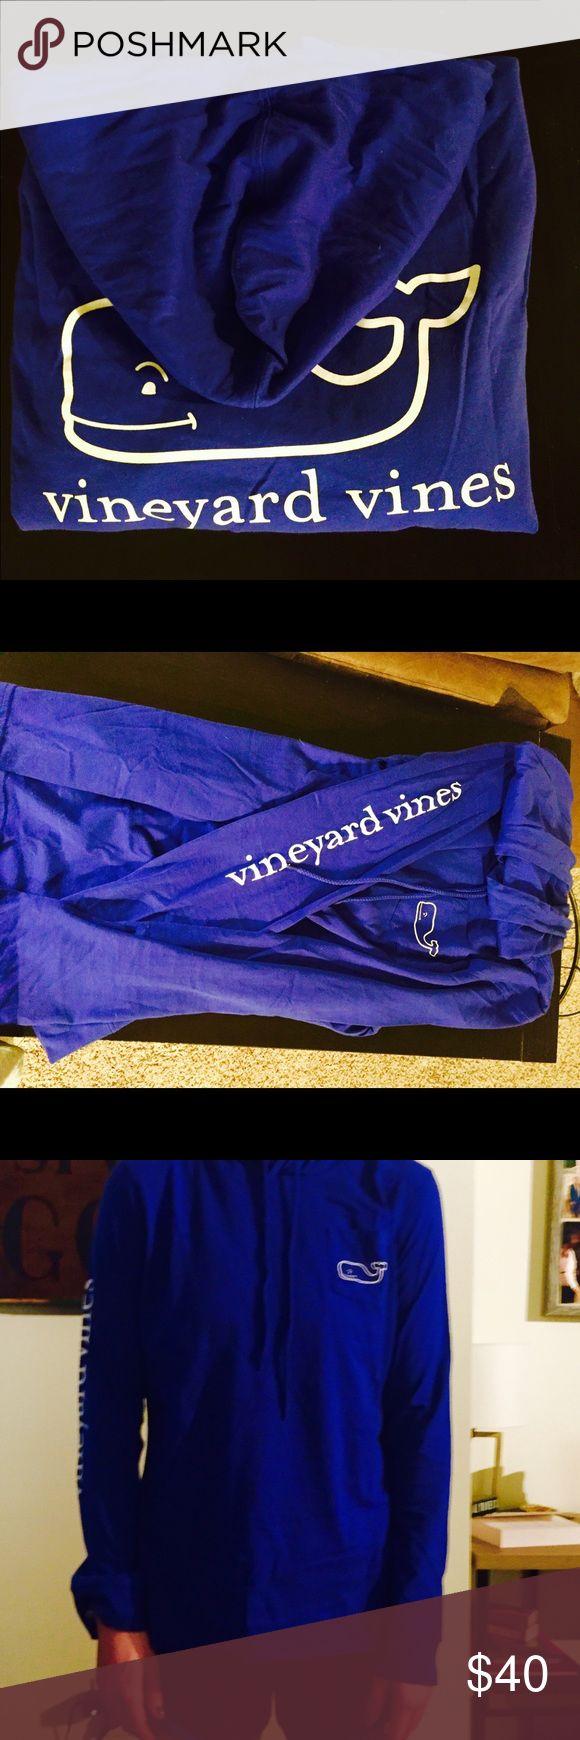 NWOT- Vineyard Vines tshirt hoodie Bright blue never worn Women's Vineyard Vines hooded shirt, pull string, front pocket, lightweight perfect for the beach! Vineyard Vines Tops Sweatshirts & Hoodies